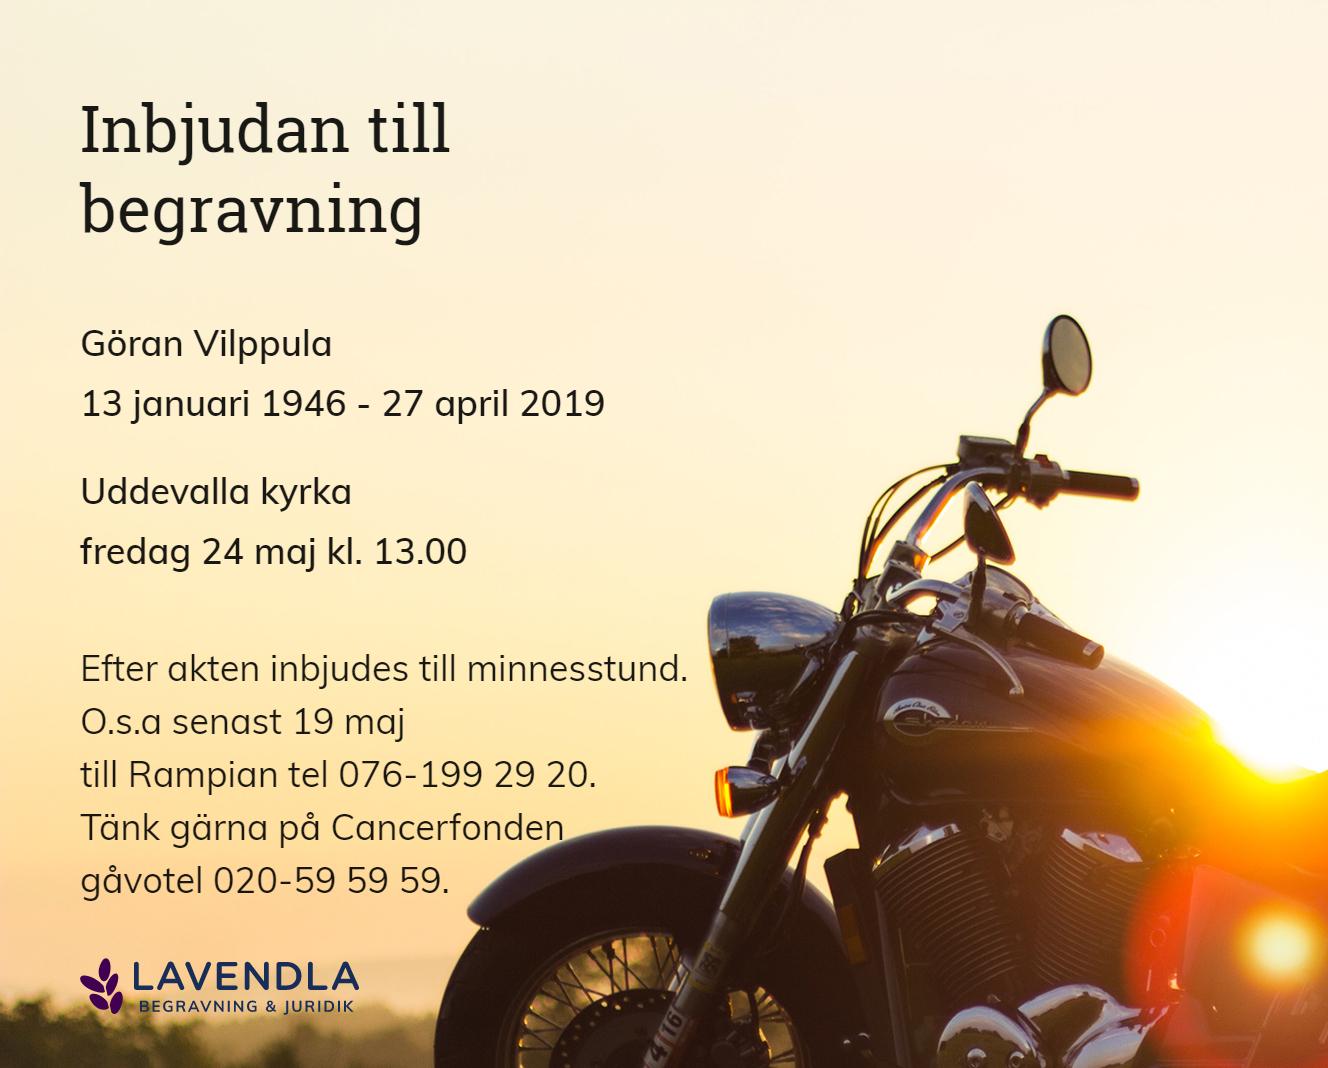 Inbjudningskort till ceremonin för Göran Vilppula